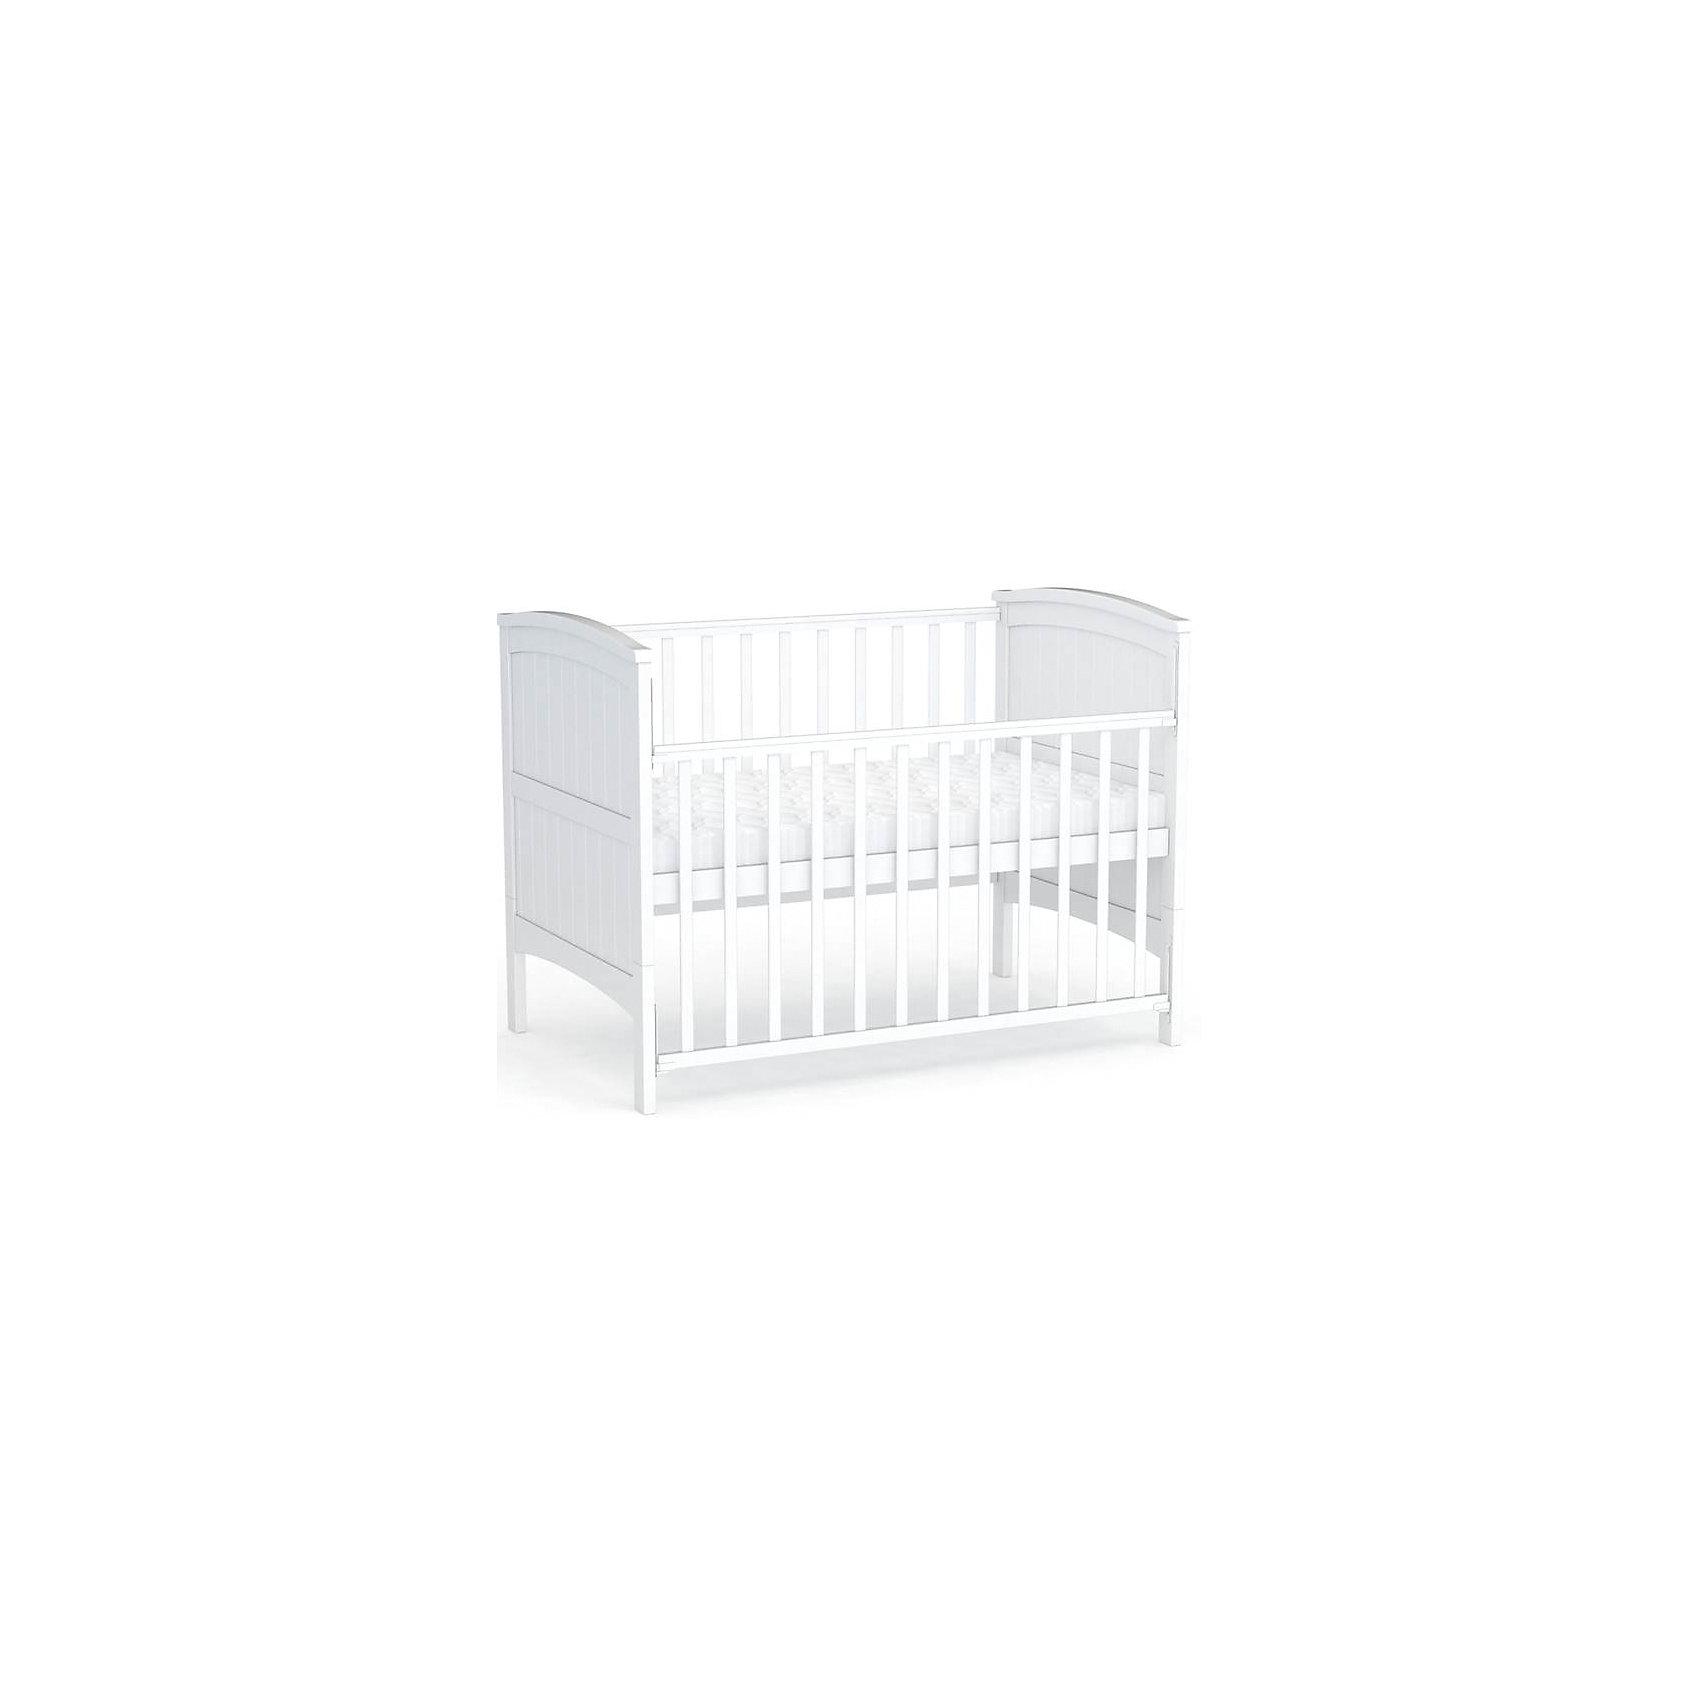 Кровать-трансформер 810, Фея, белыйКровать-трансформер Фея выполнена из натурального дерева, имеет стильный и лаконичный дизайн, который прекрасно впишется в интерьер любой детской комнаты.<br>Ортопедическое основание способствует правильному развитию осанки ребенка, высота ложа регулируется в двух положениях - когда ваш кроха подрастет, опустите дно кровати и не беспокойтесь о том, что юный непоседа сможет самостоятельно выбраться из своего гнездышка. При помощи специального механизма передняя стенка модели легко и быстро опускается даже одной рукой.<br>Кровать Фея 810 - это многофункциональная мебель, которую можно использовать с рождения малыша. Пока ваш ребенок маленький она используется со стандартными боковыми стенками. Когда же кроха подрастет, боковины и нижние части спинок снимаются и кровать превращается в обычную классическую модель. <br><br>Дополнительная информация:<br><br>- Материал: дерево (массив березы).<br>- Размеры: 97,4 х 154,6 х 80 см.<br>- Для матраса размером: 70х140 см.<br>- Ложе регулируется в 2-х положениях.<br>- Передняя стенка опускается (механизм Автостенка).<br>- Накладки из ПВХ.<br>- Ортопедическое основание.<br>- Съемные боковые стенки и нижние части спинок.<br><br>Кровать-трансформер 810, Фея, белую, можно купить в нашем магазине.<br><br>Ширина мм: 790<br>Глубина мм: 1470<br>Высота мм: 974<br>Вес г: 24000<br>Возраст от месяцев: 0<br>Возраст до месяцев: 36<br>Пол: Унисекс<br>Возраст: Детский<br>SKU: 4796979